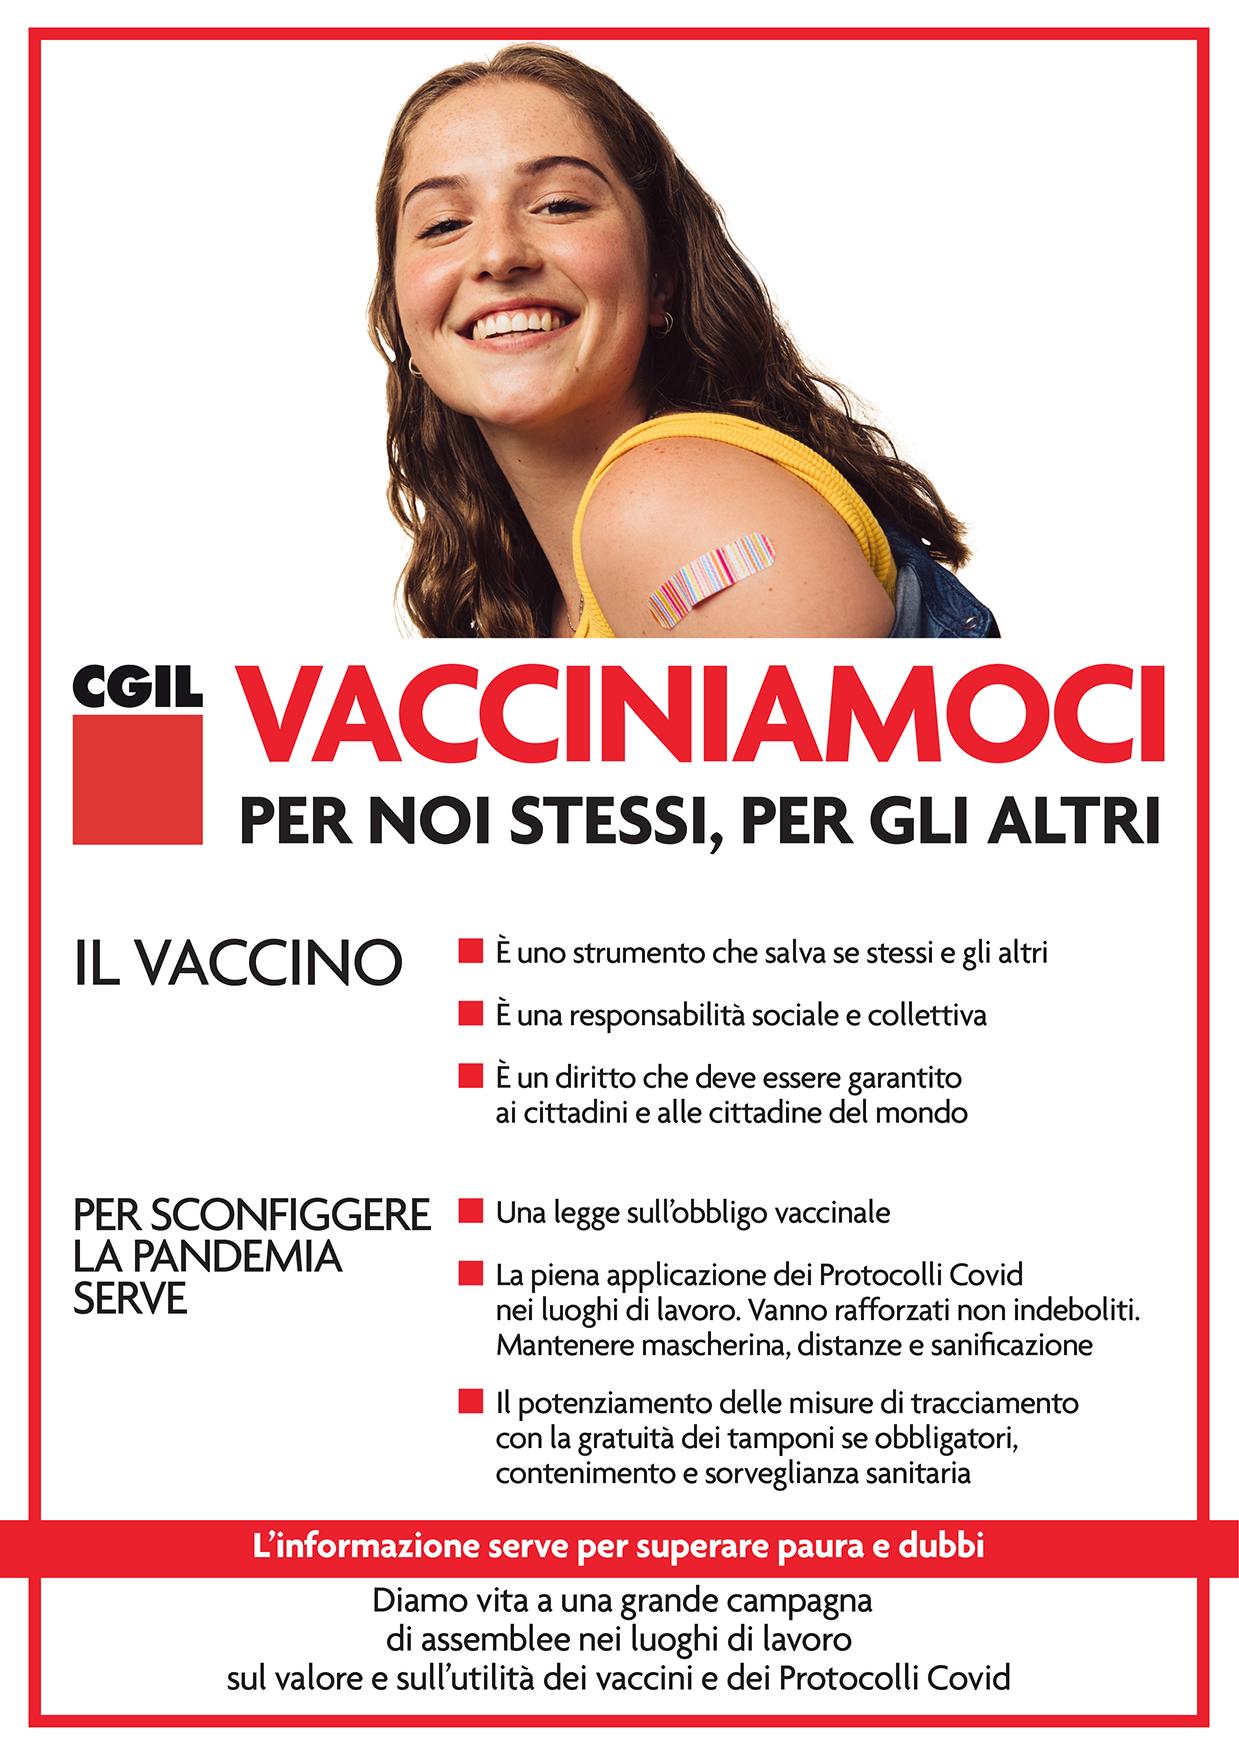 Vacciniamoci per noi stessi e per gli altri (Cgil)